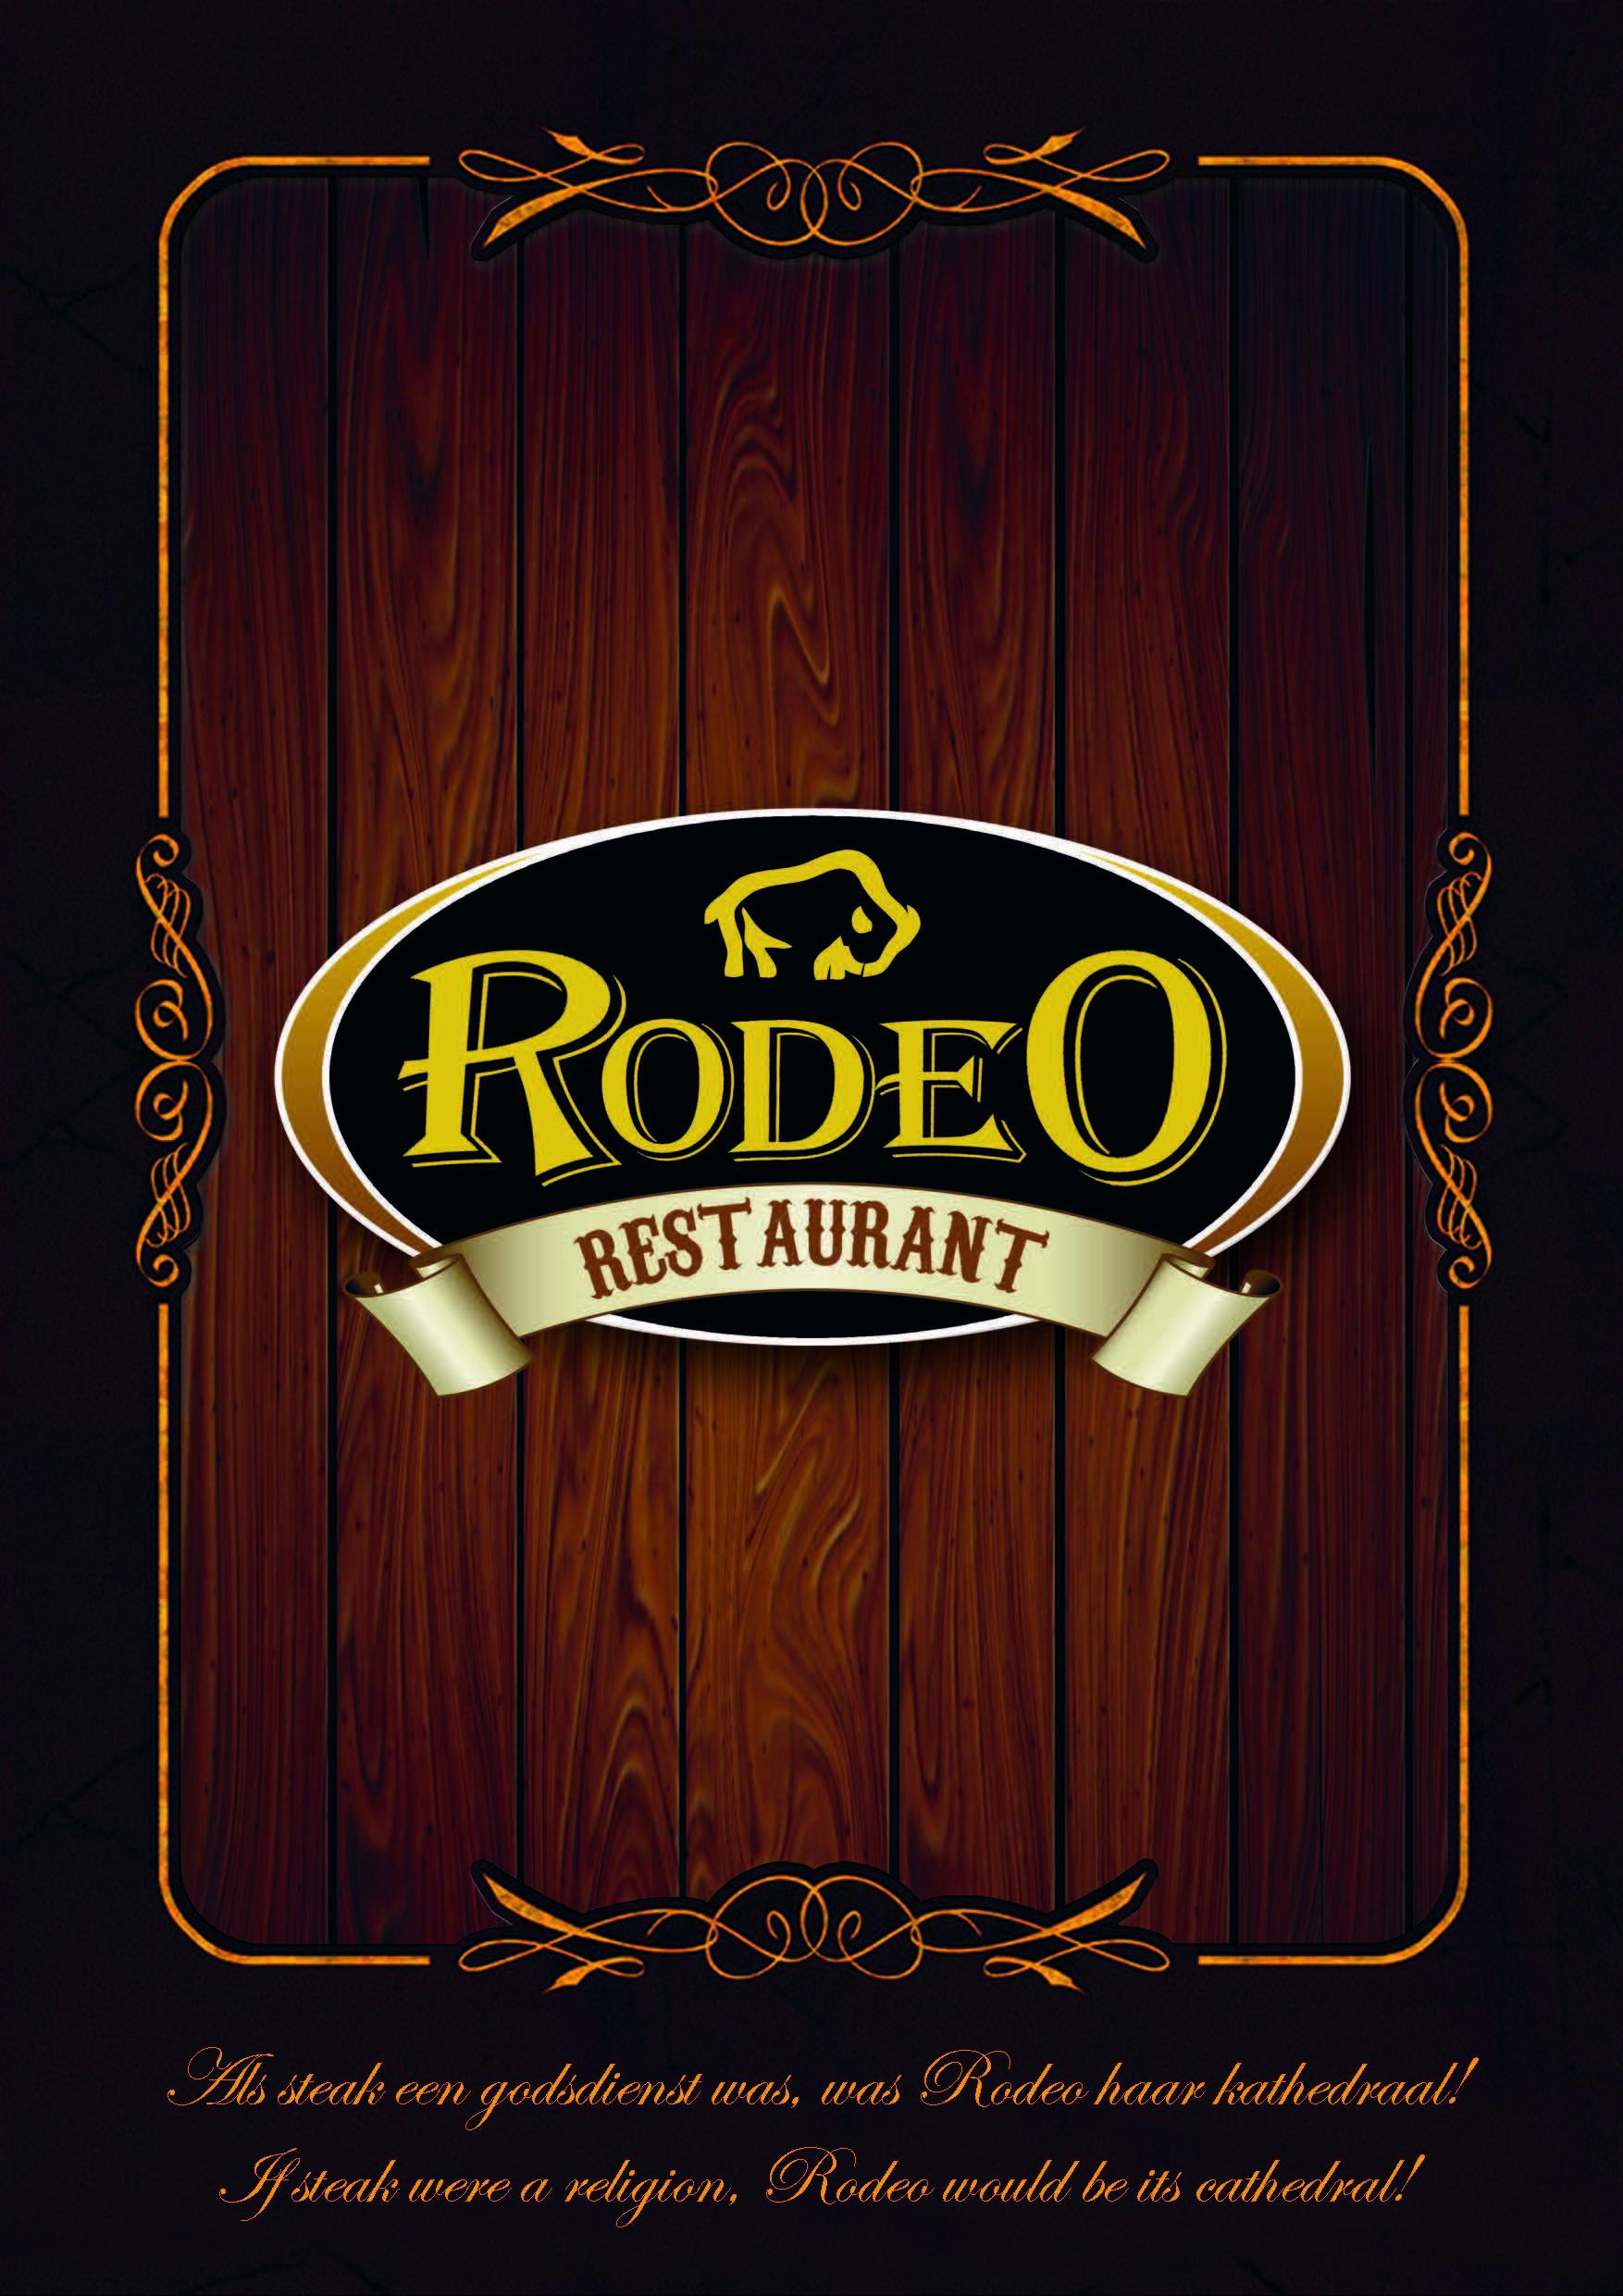 Rodeo_menukaart_Pagina_1